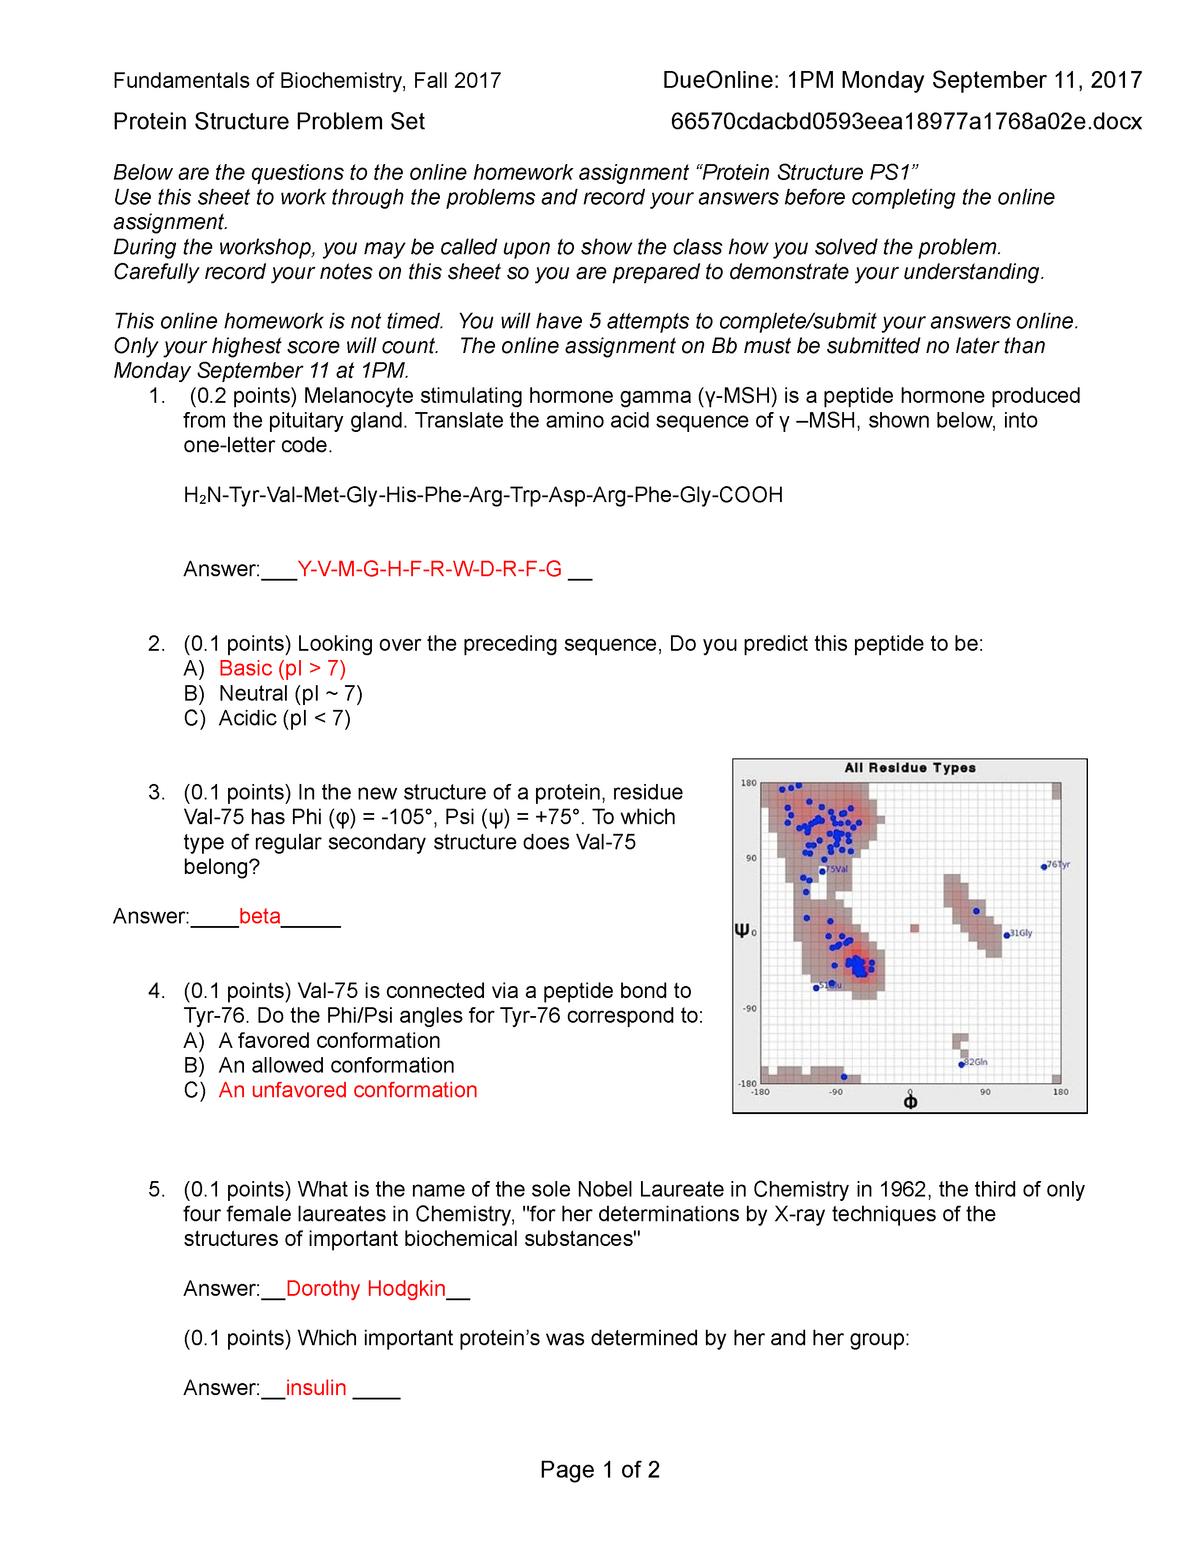 HW Protein structure Problem Set - MEDS 5003: Fundamentals